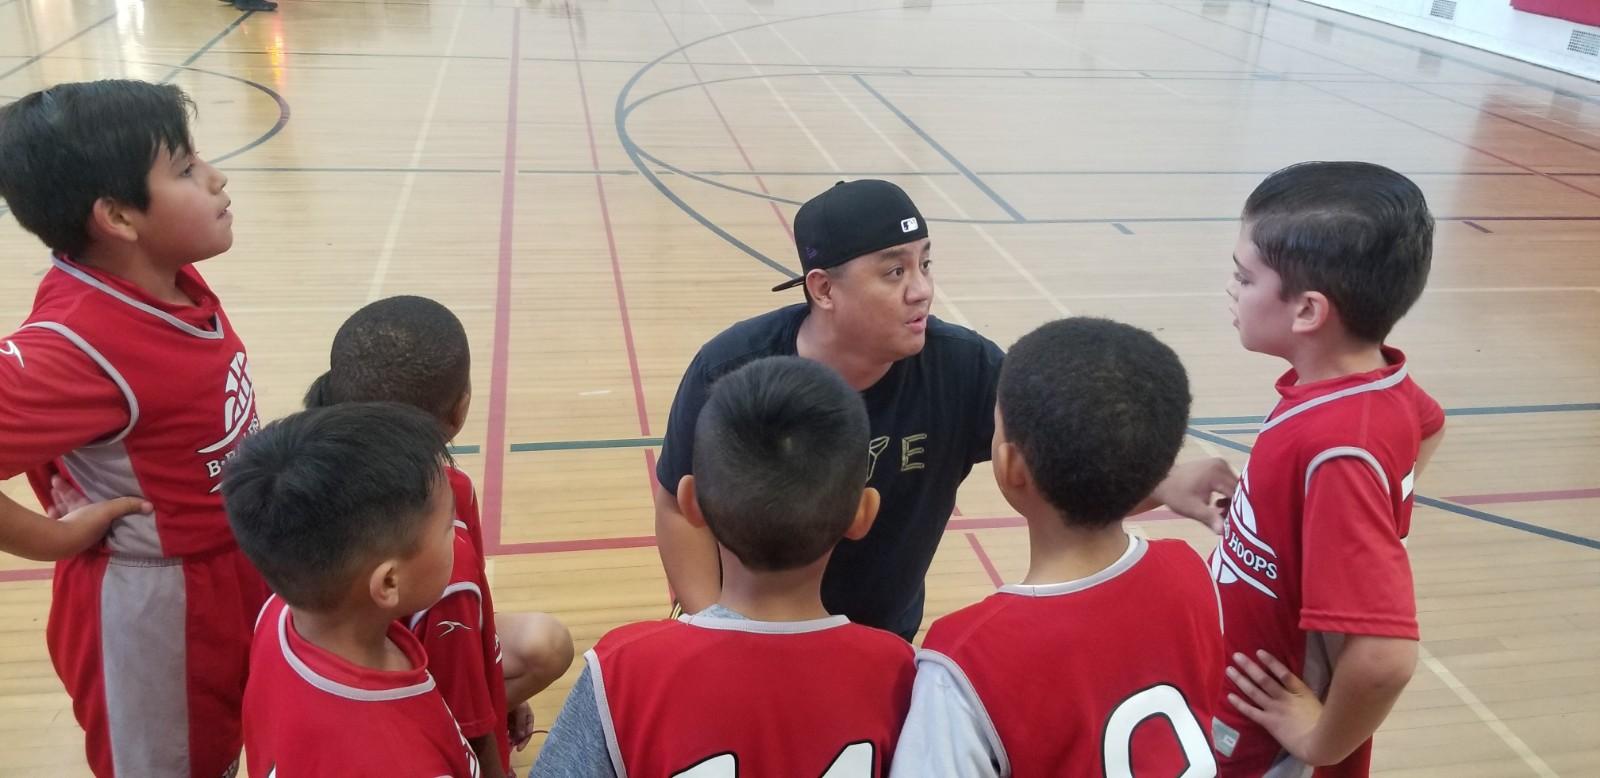 10 U Coach Tristen